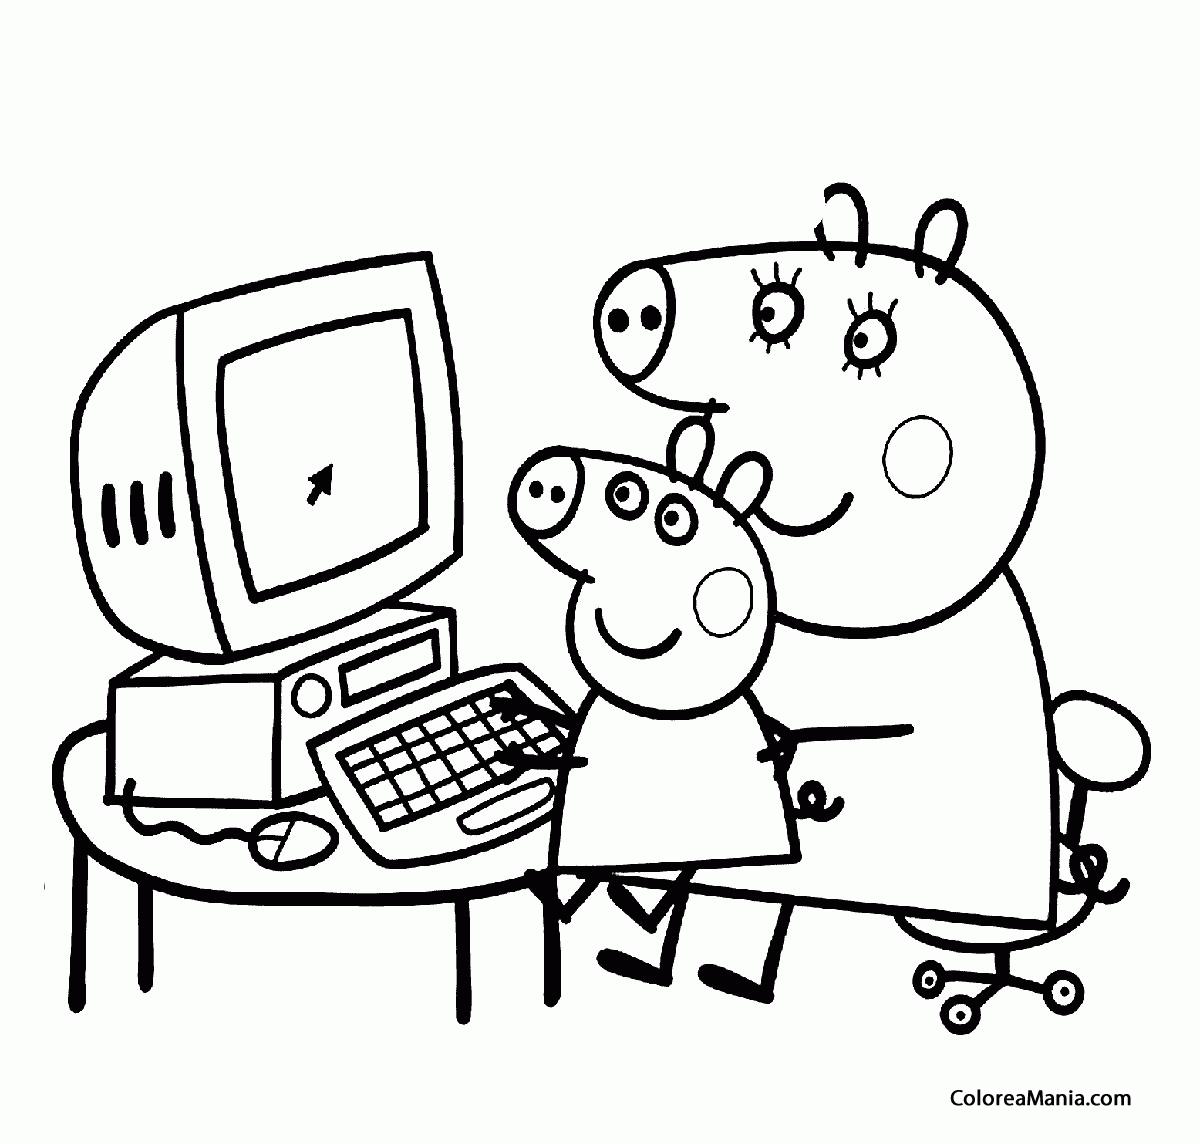 Colorear Mama Pig y Peppa Pig en el ordenador (Peppa Pig), dibujo